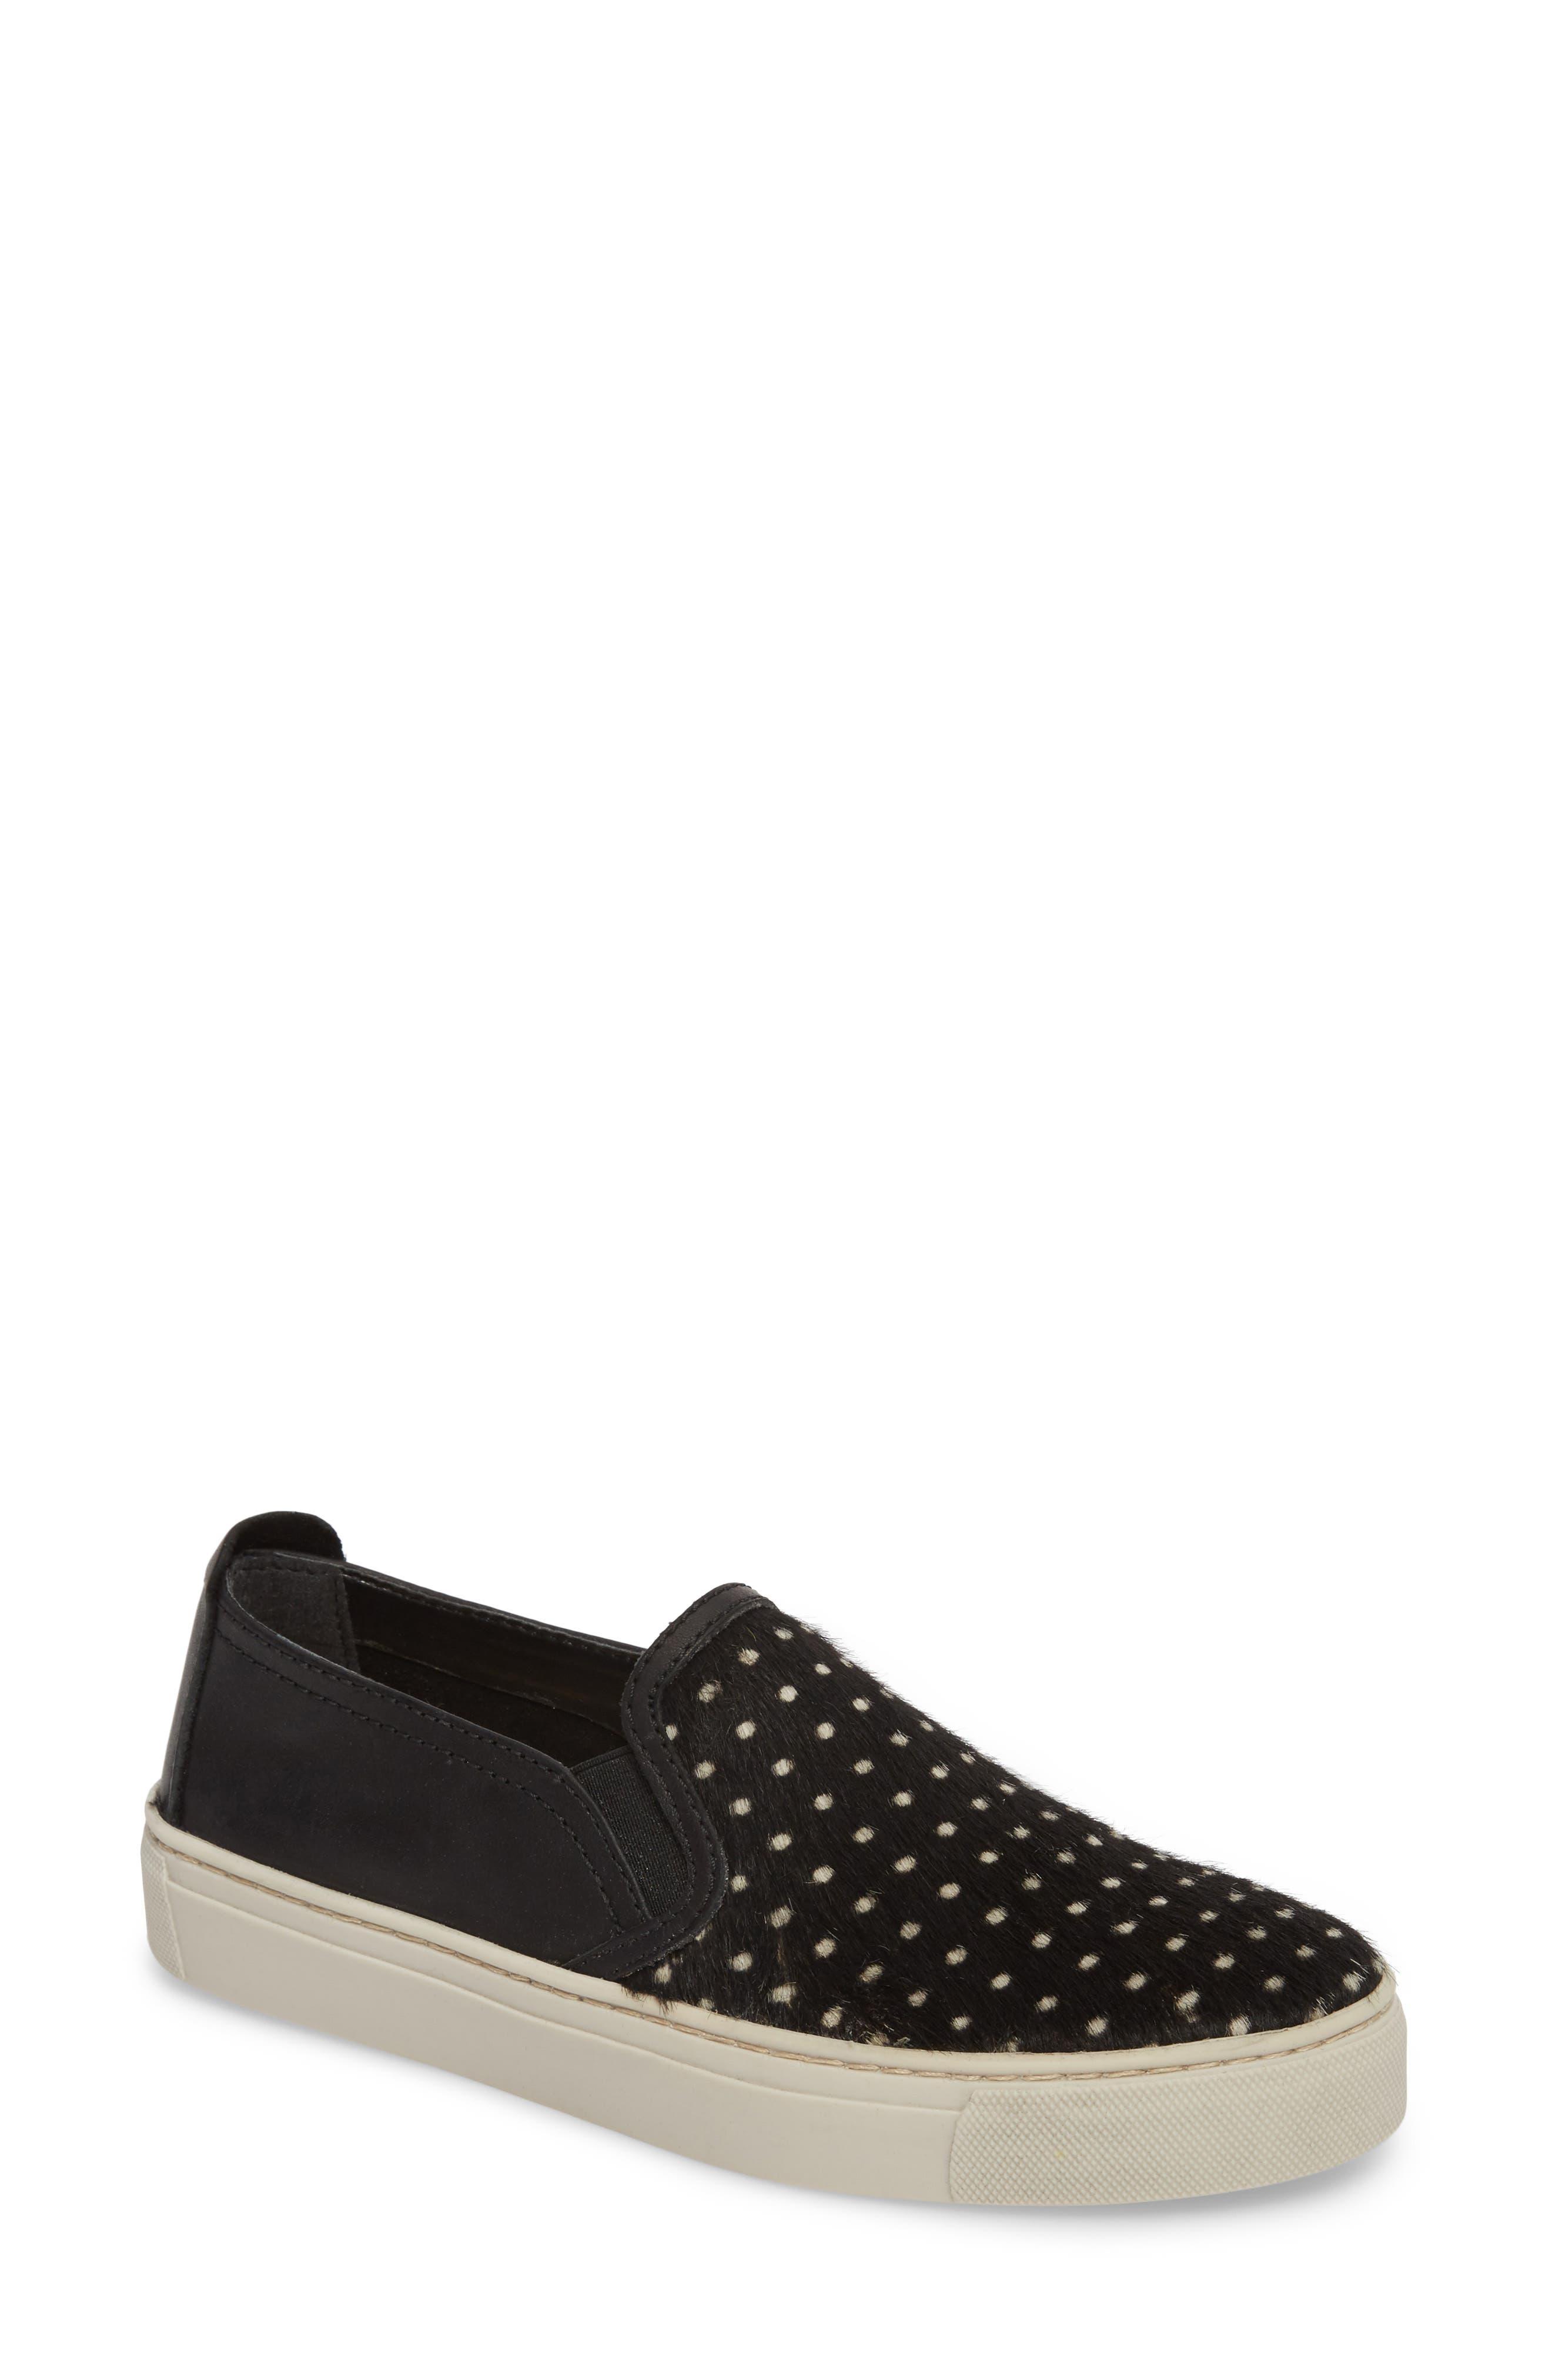 The Flexx Sneak About Slip-On Sneaker, Black